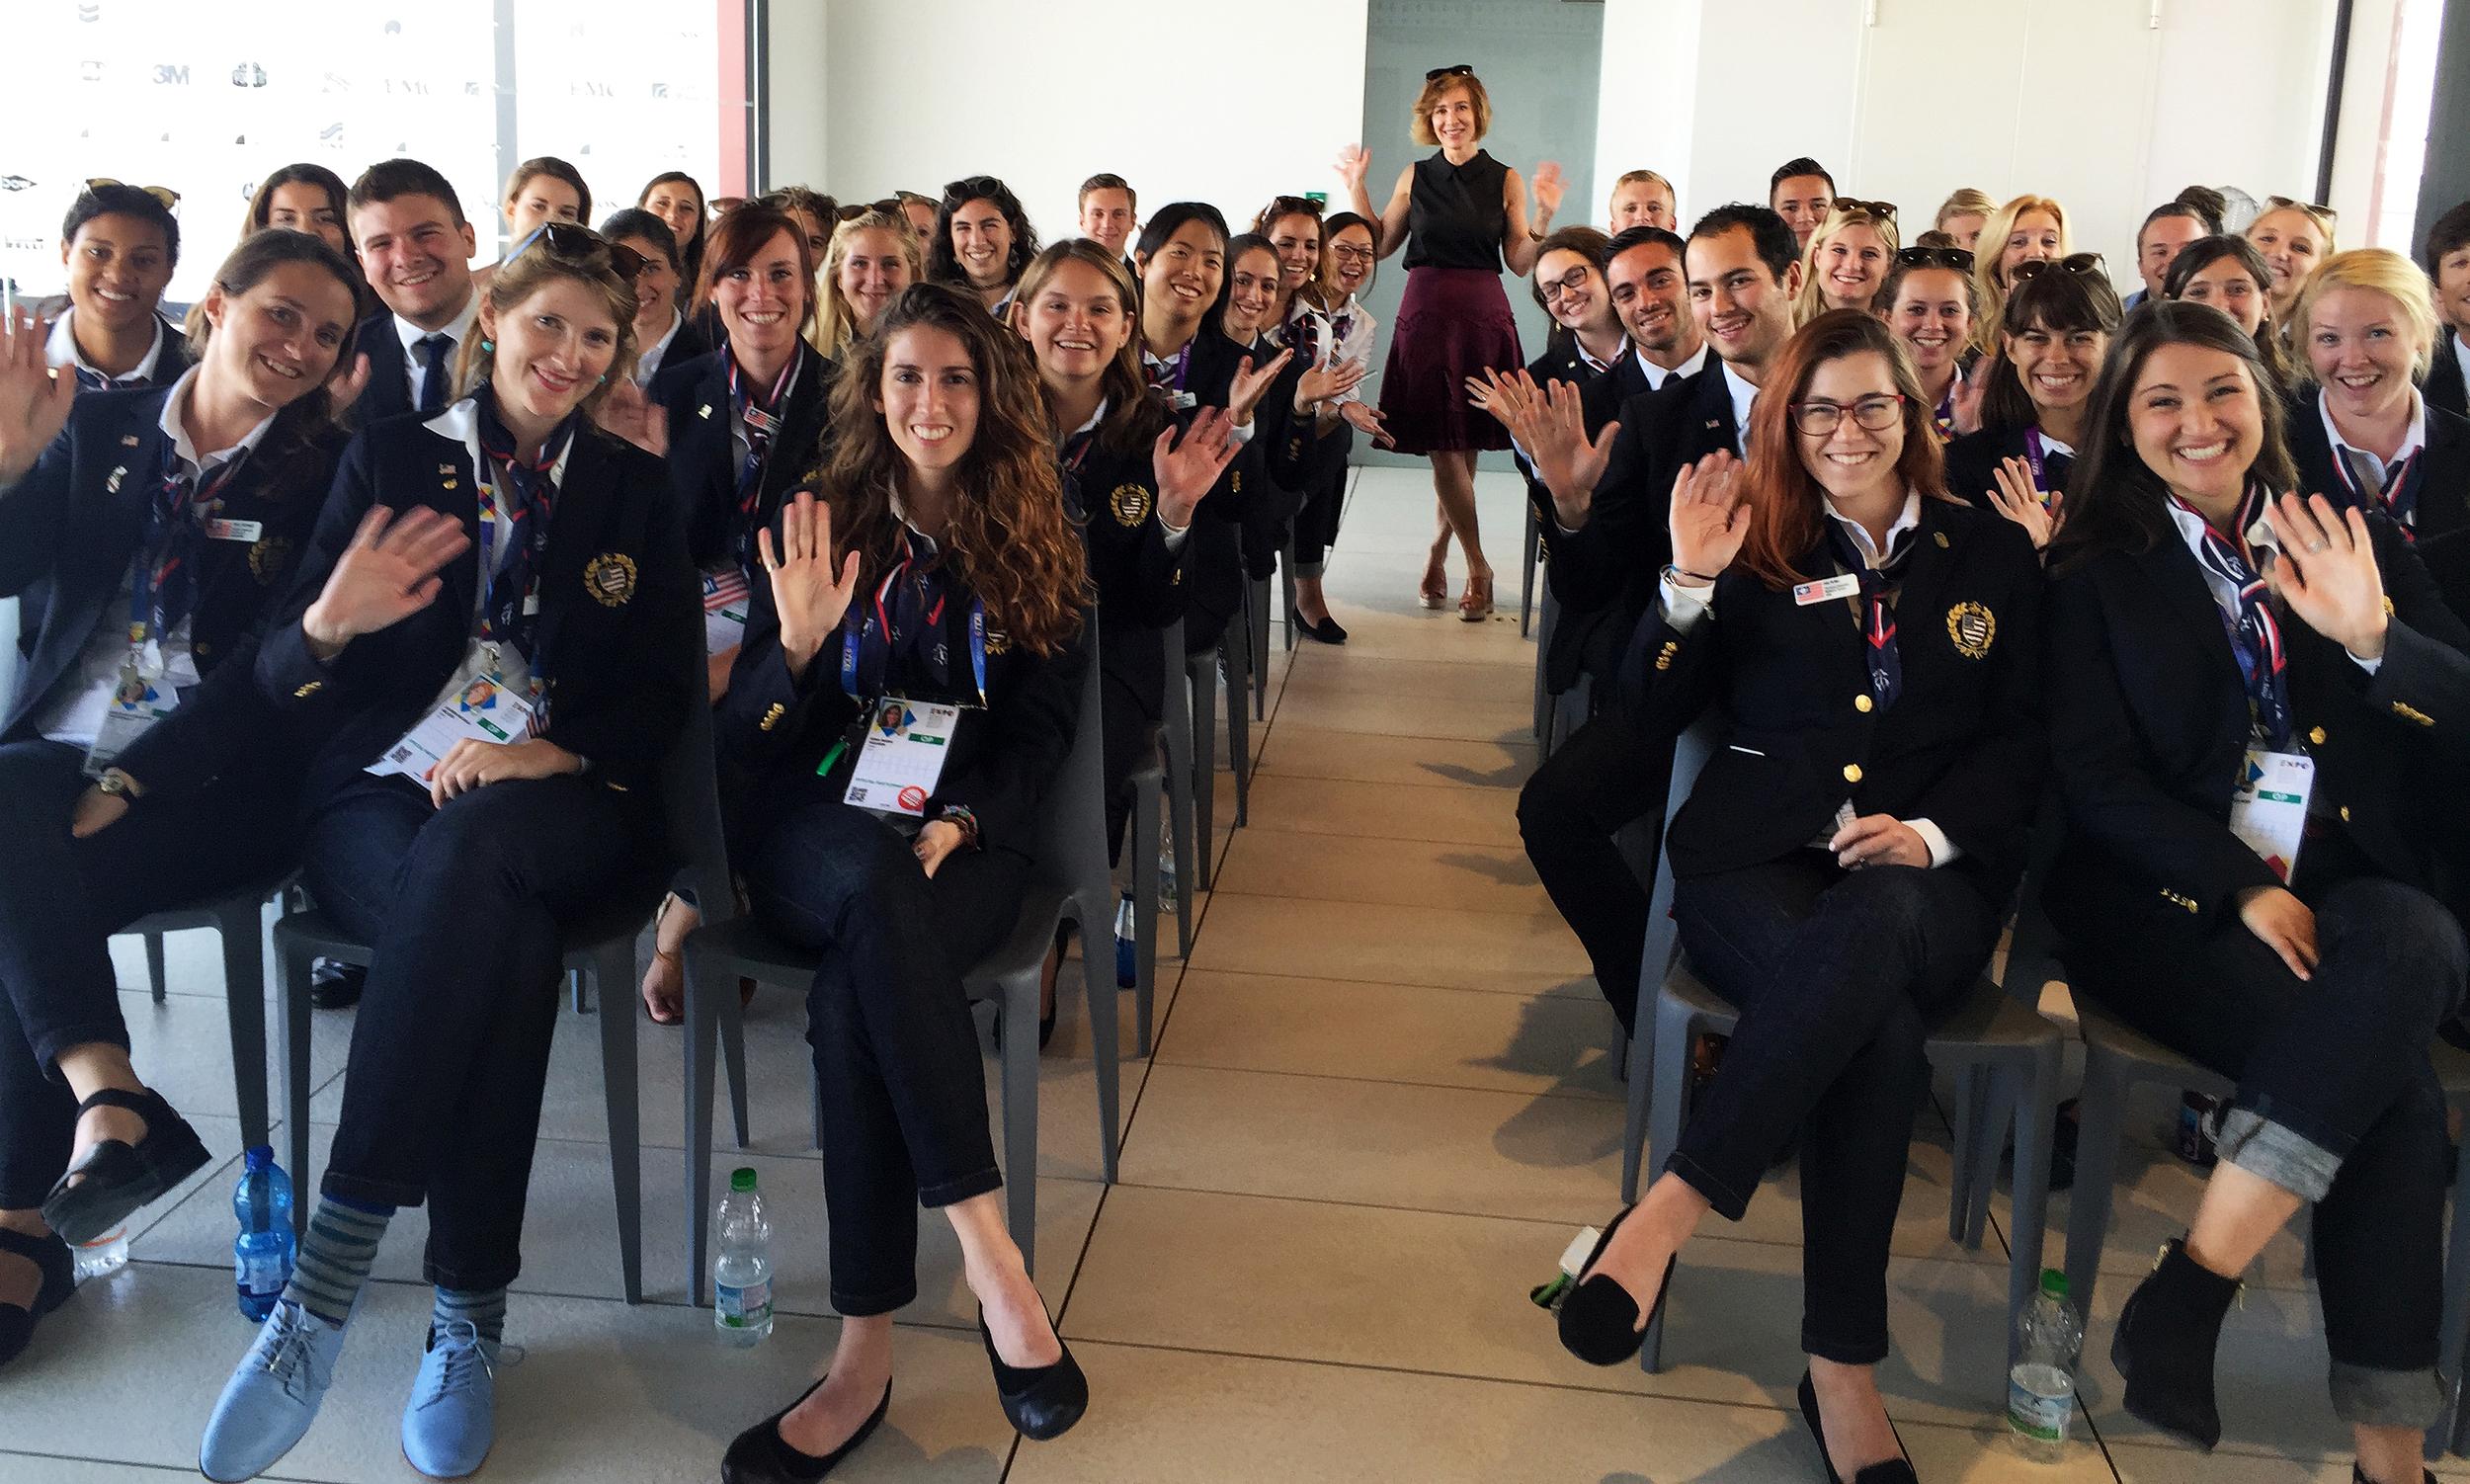 Carla Frank at EXPO Milano 2015 USA Pavilion